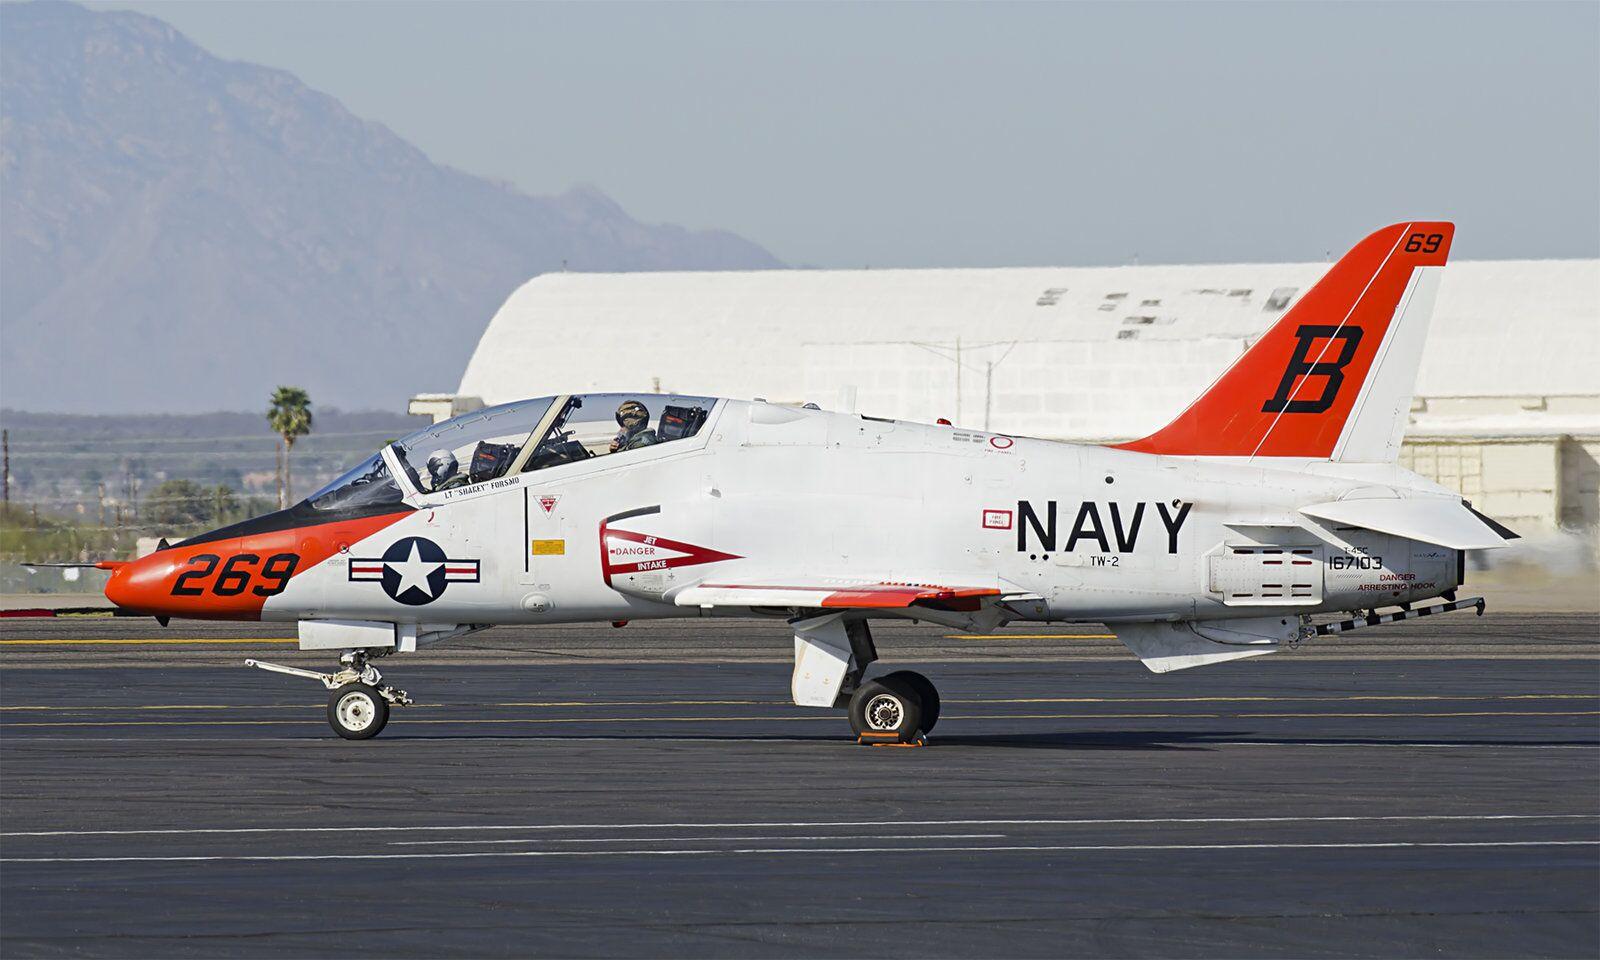 美海軍高教機墜毀:壓壞3座房屋 2名飛行員受傷